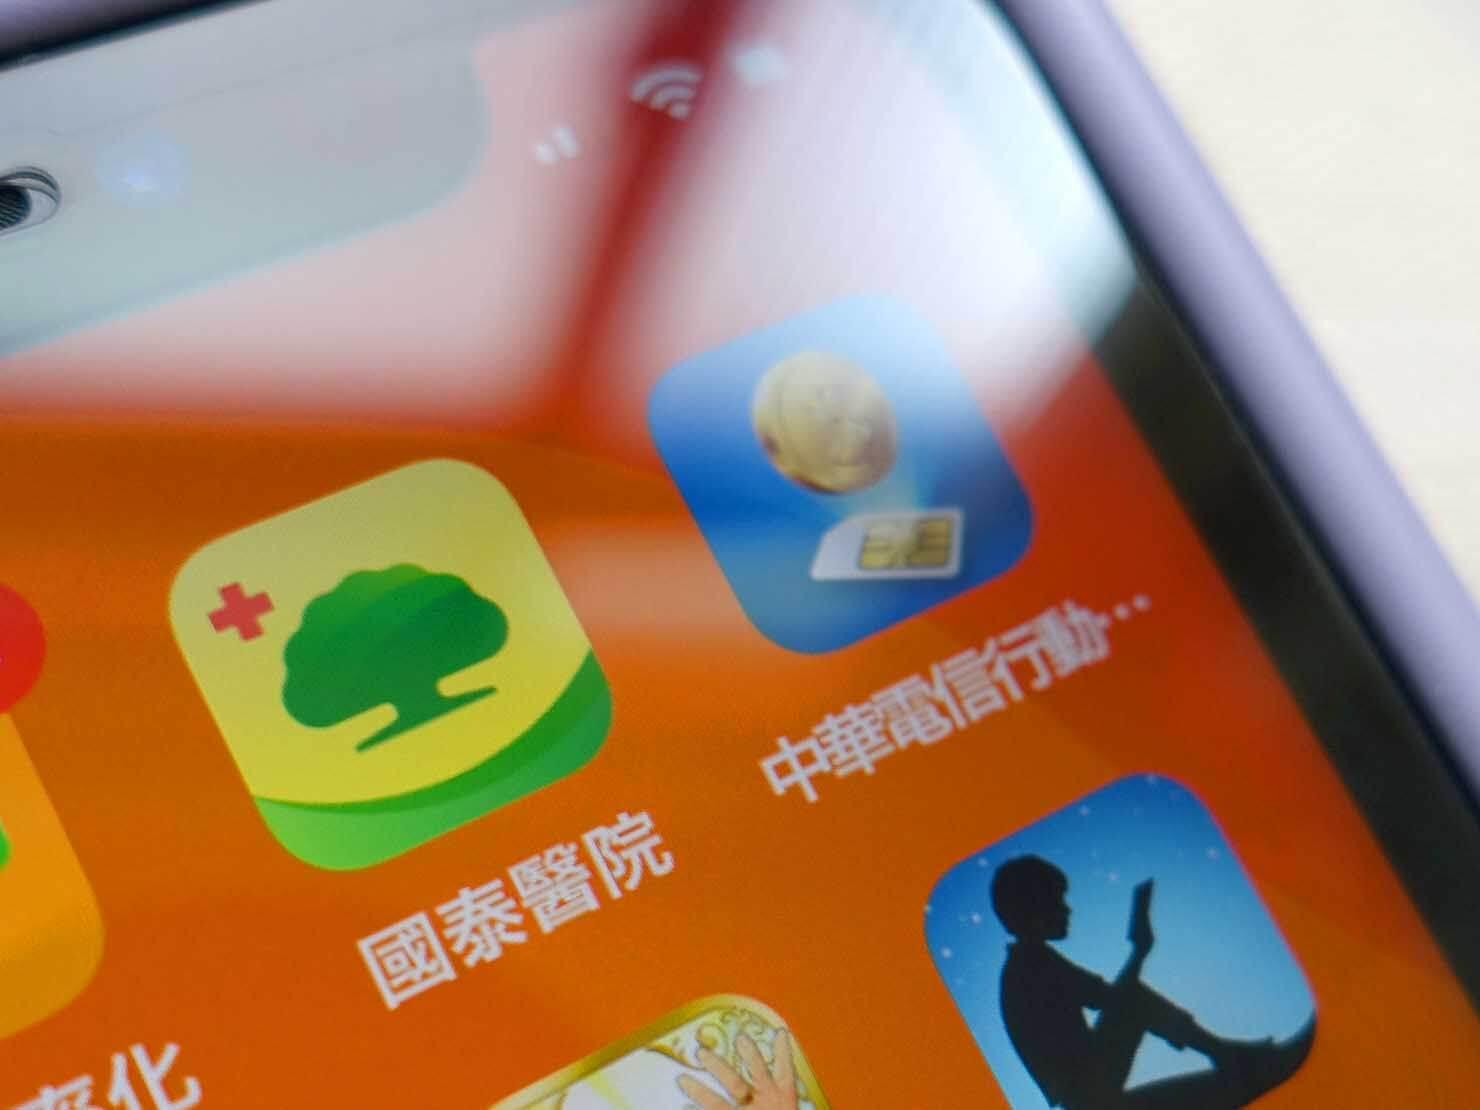 台北・國泰綜合醫院のアプリ